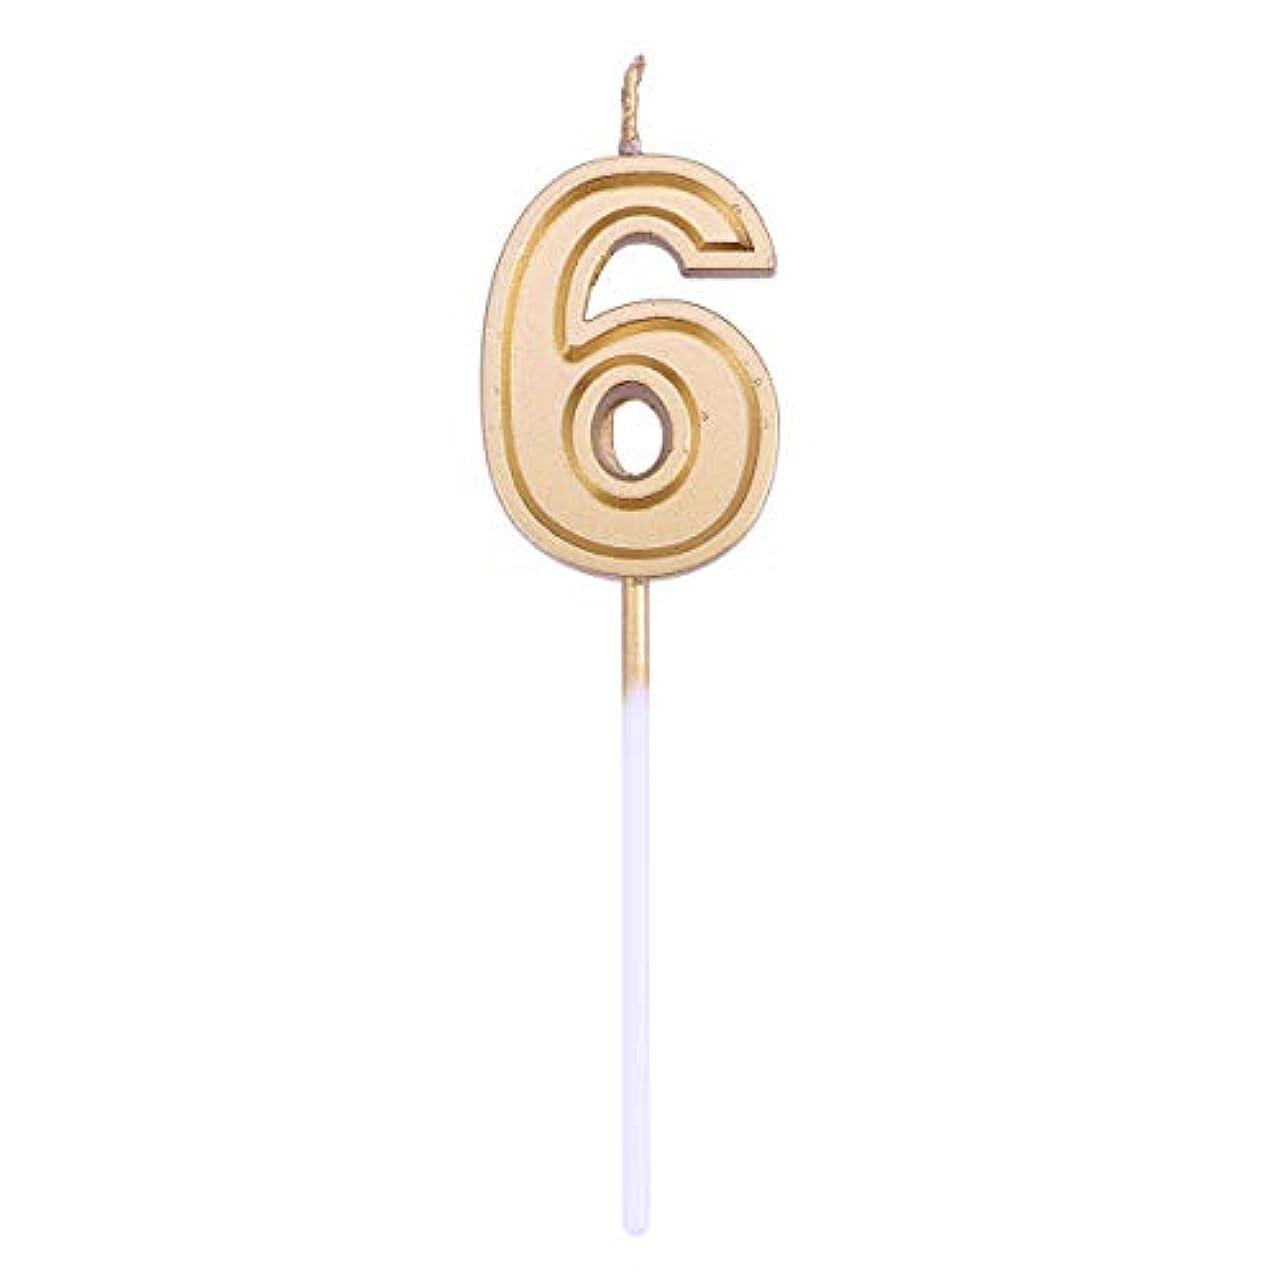 登録波行商人Toyvian ゴールドラメ誕生日おめでとう数字キャンドル番号キャンドルケーキトッパー装飾用大人キッズパーティー(番号6)